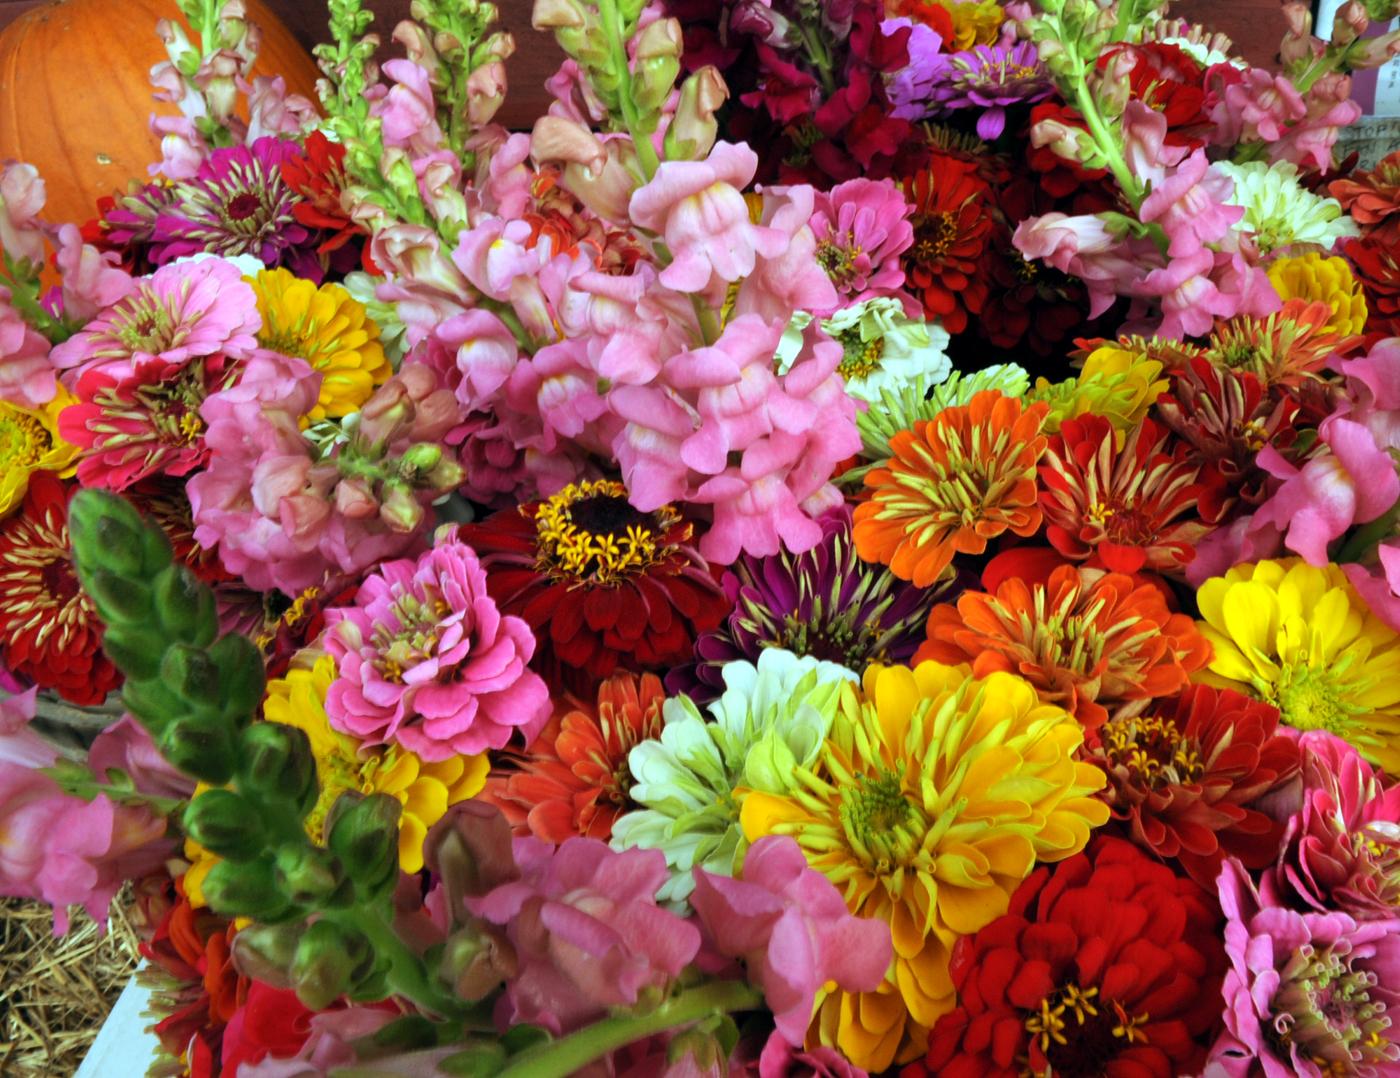 Fresh cut flower bouquets tomorrow